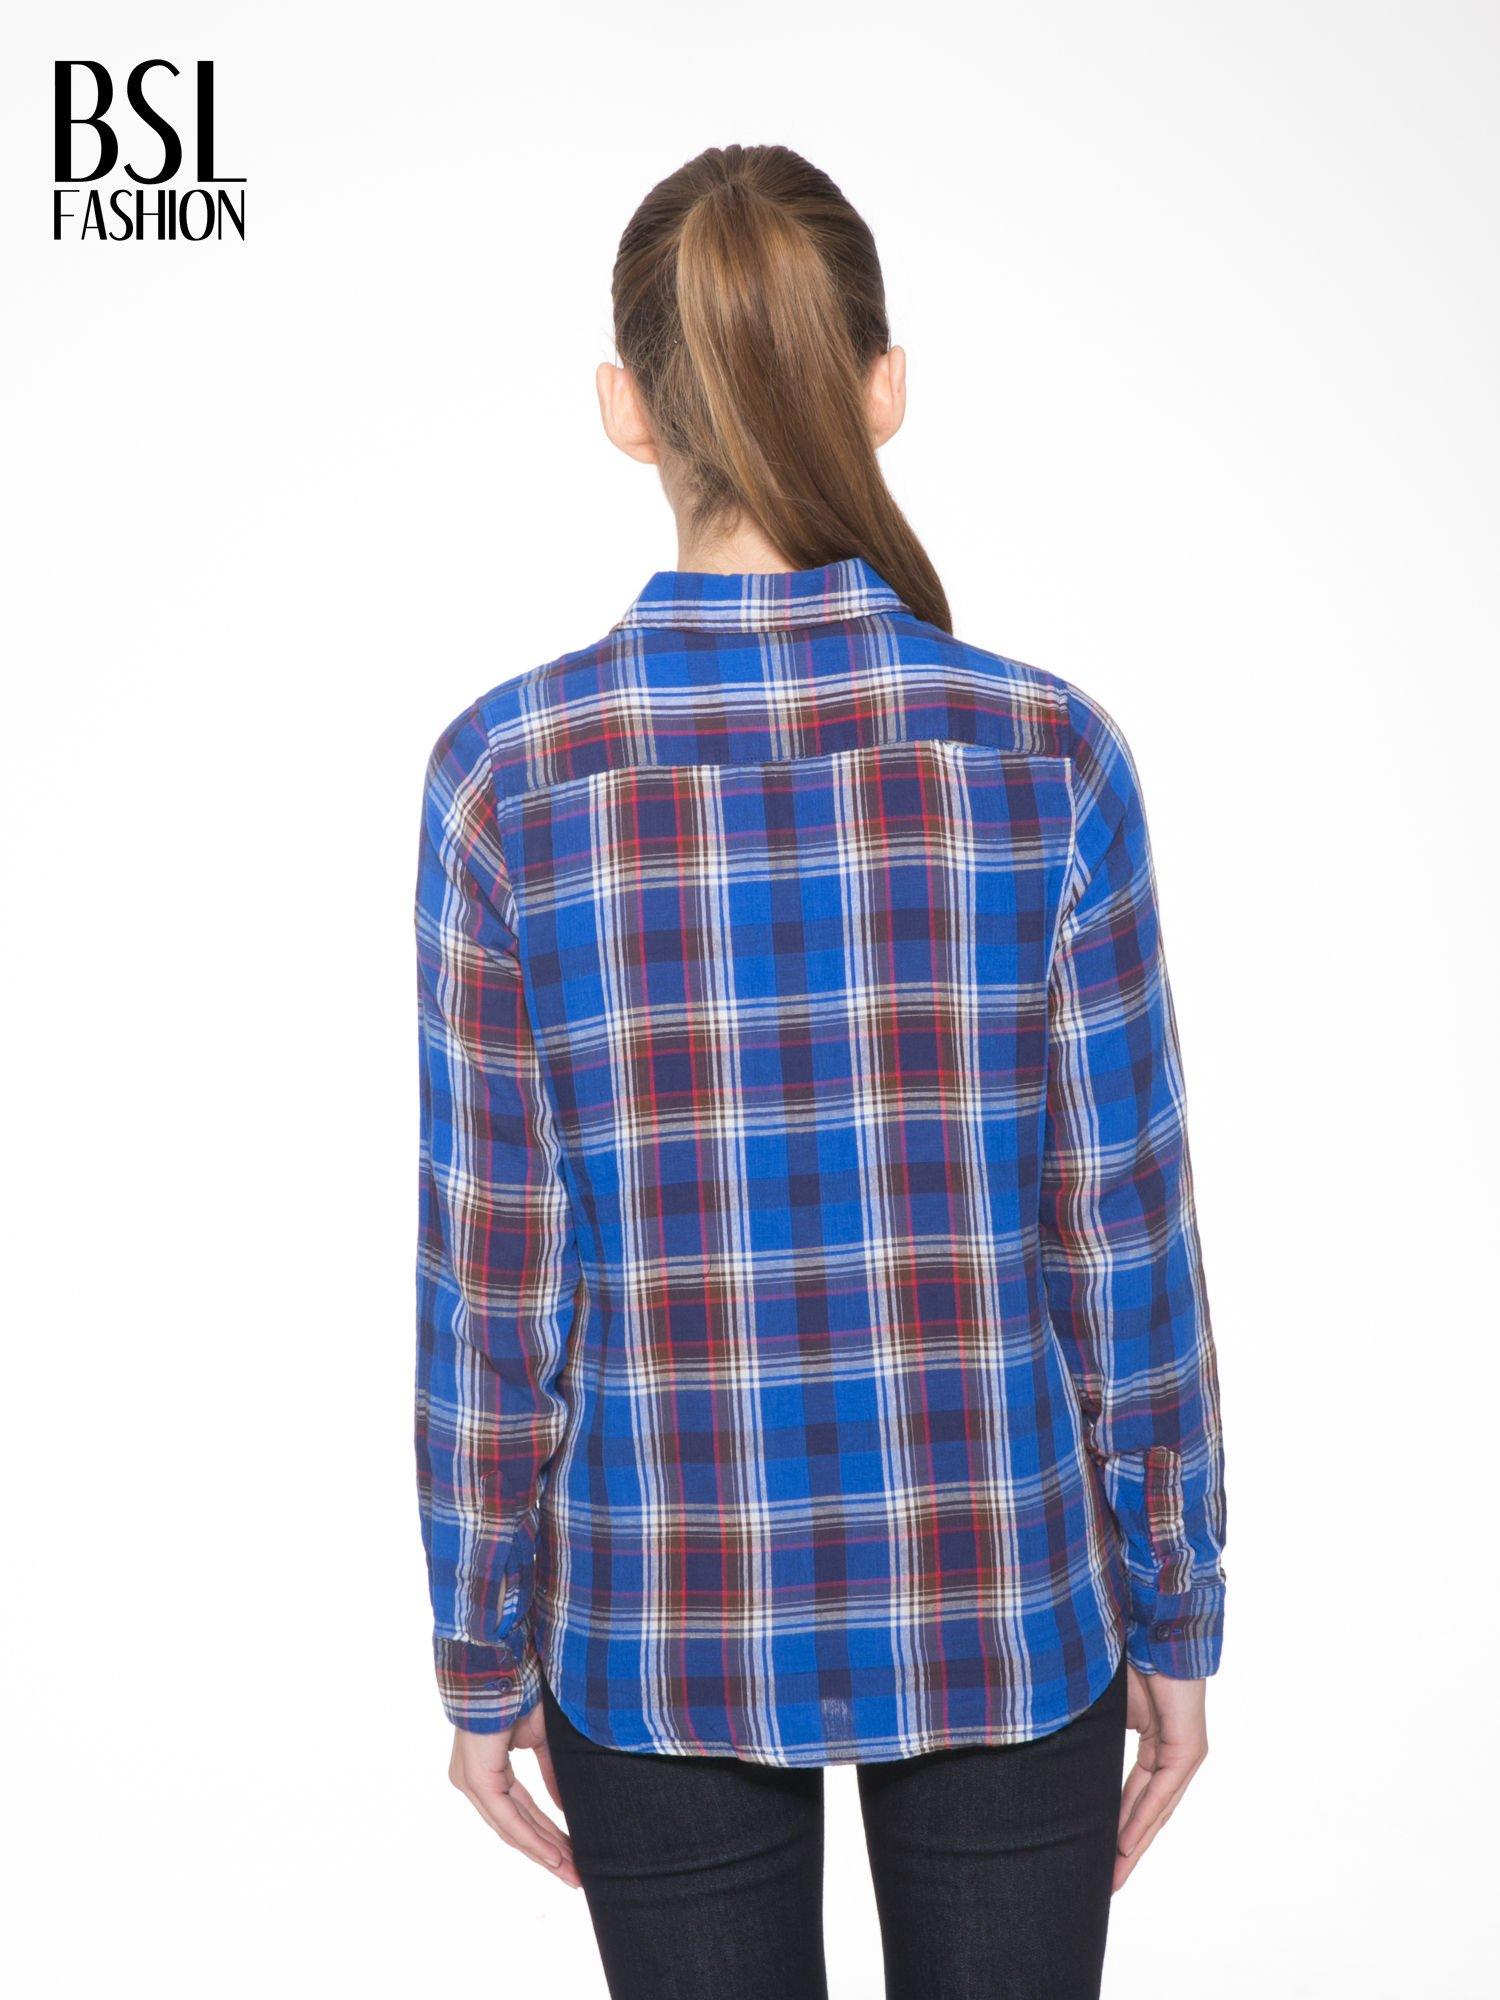 Niebieska koszula w kratę z gwiazdkami przy kieszonkach                                  zdj.                                  5